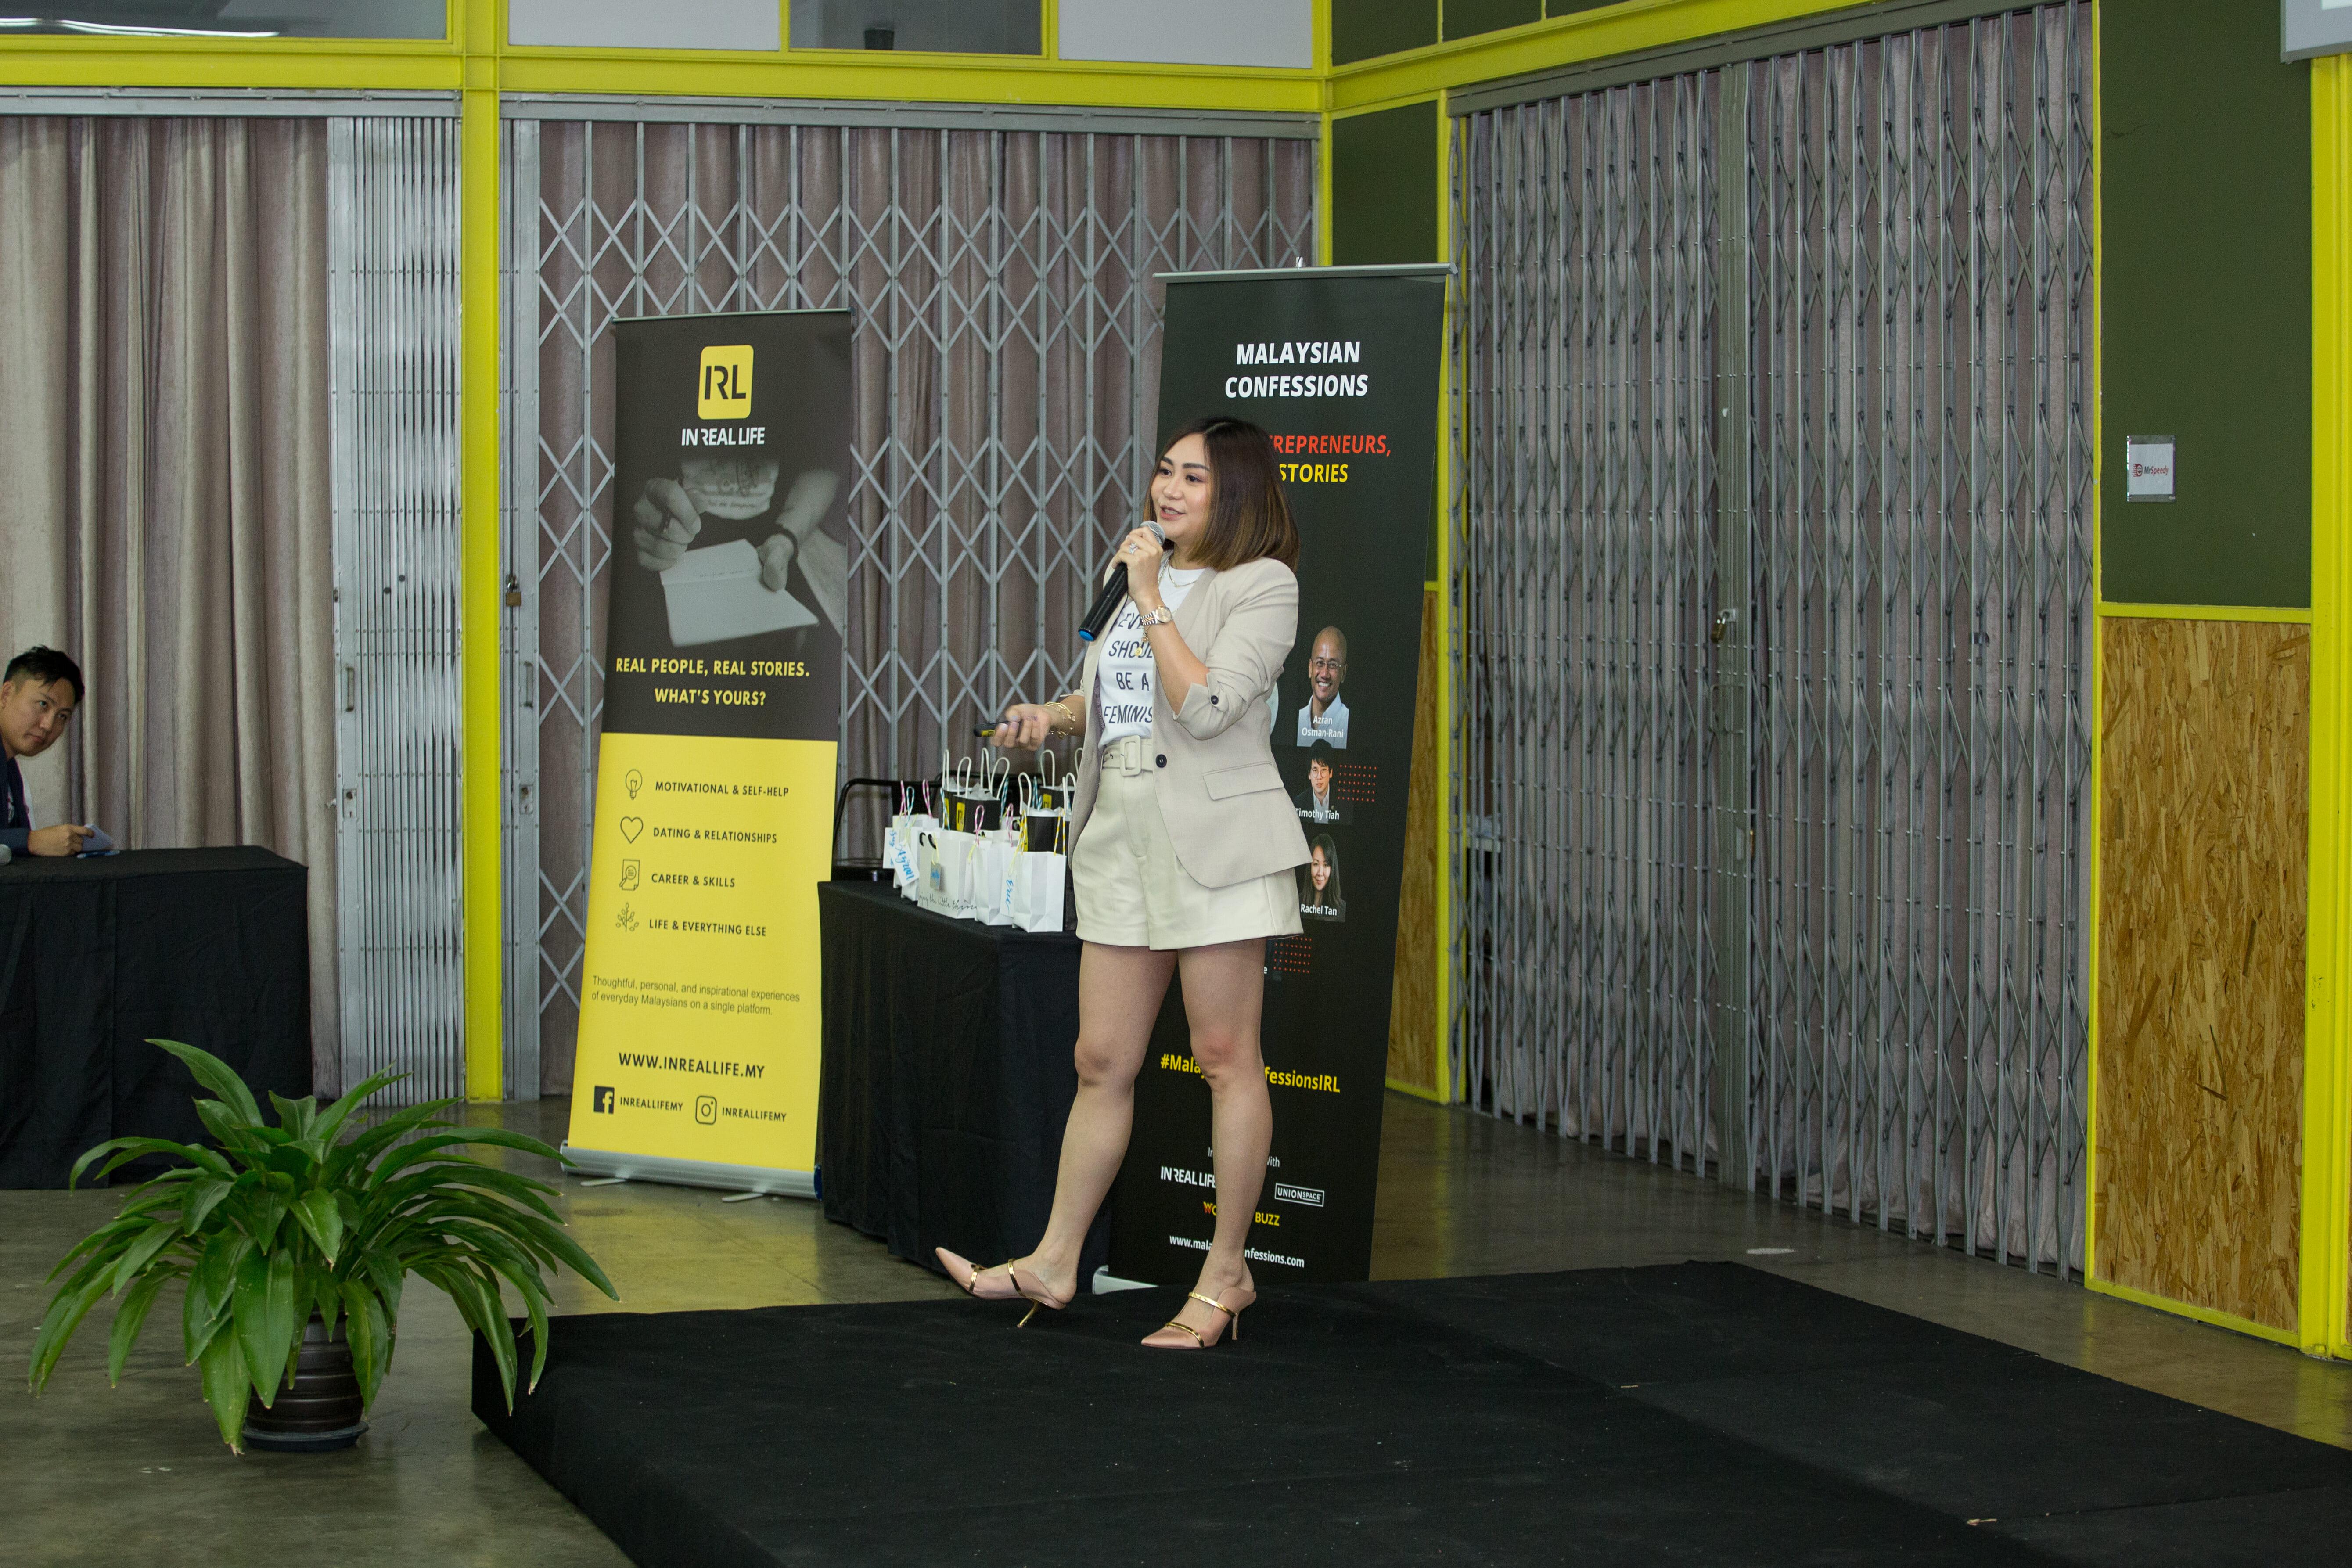 Jenn Low, founder of Wanderlust+Co